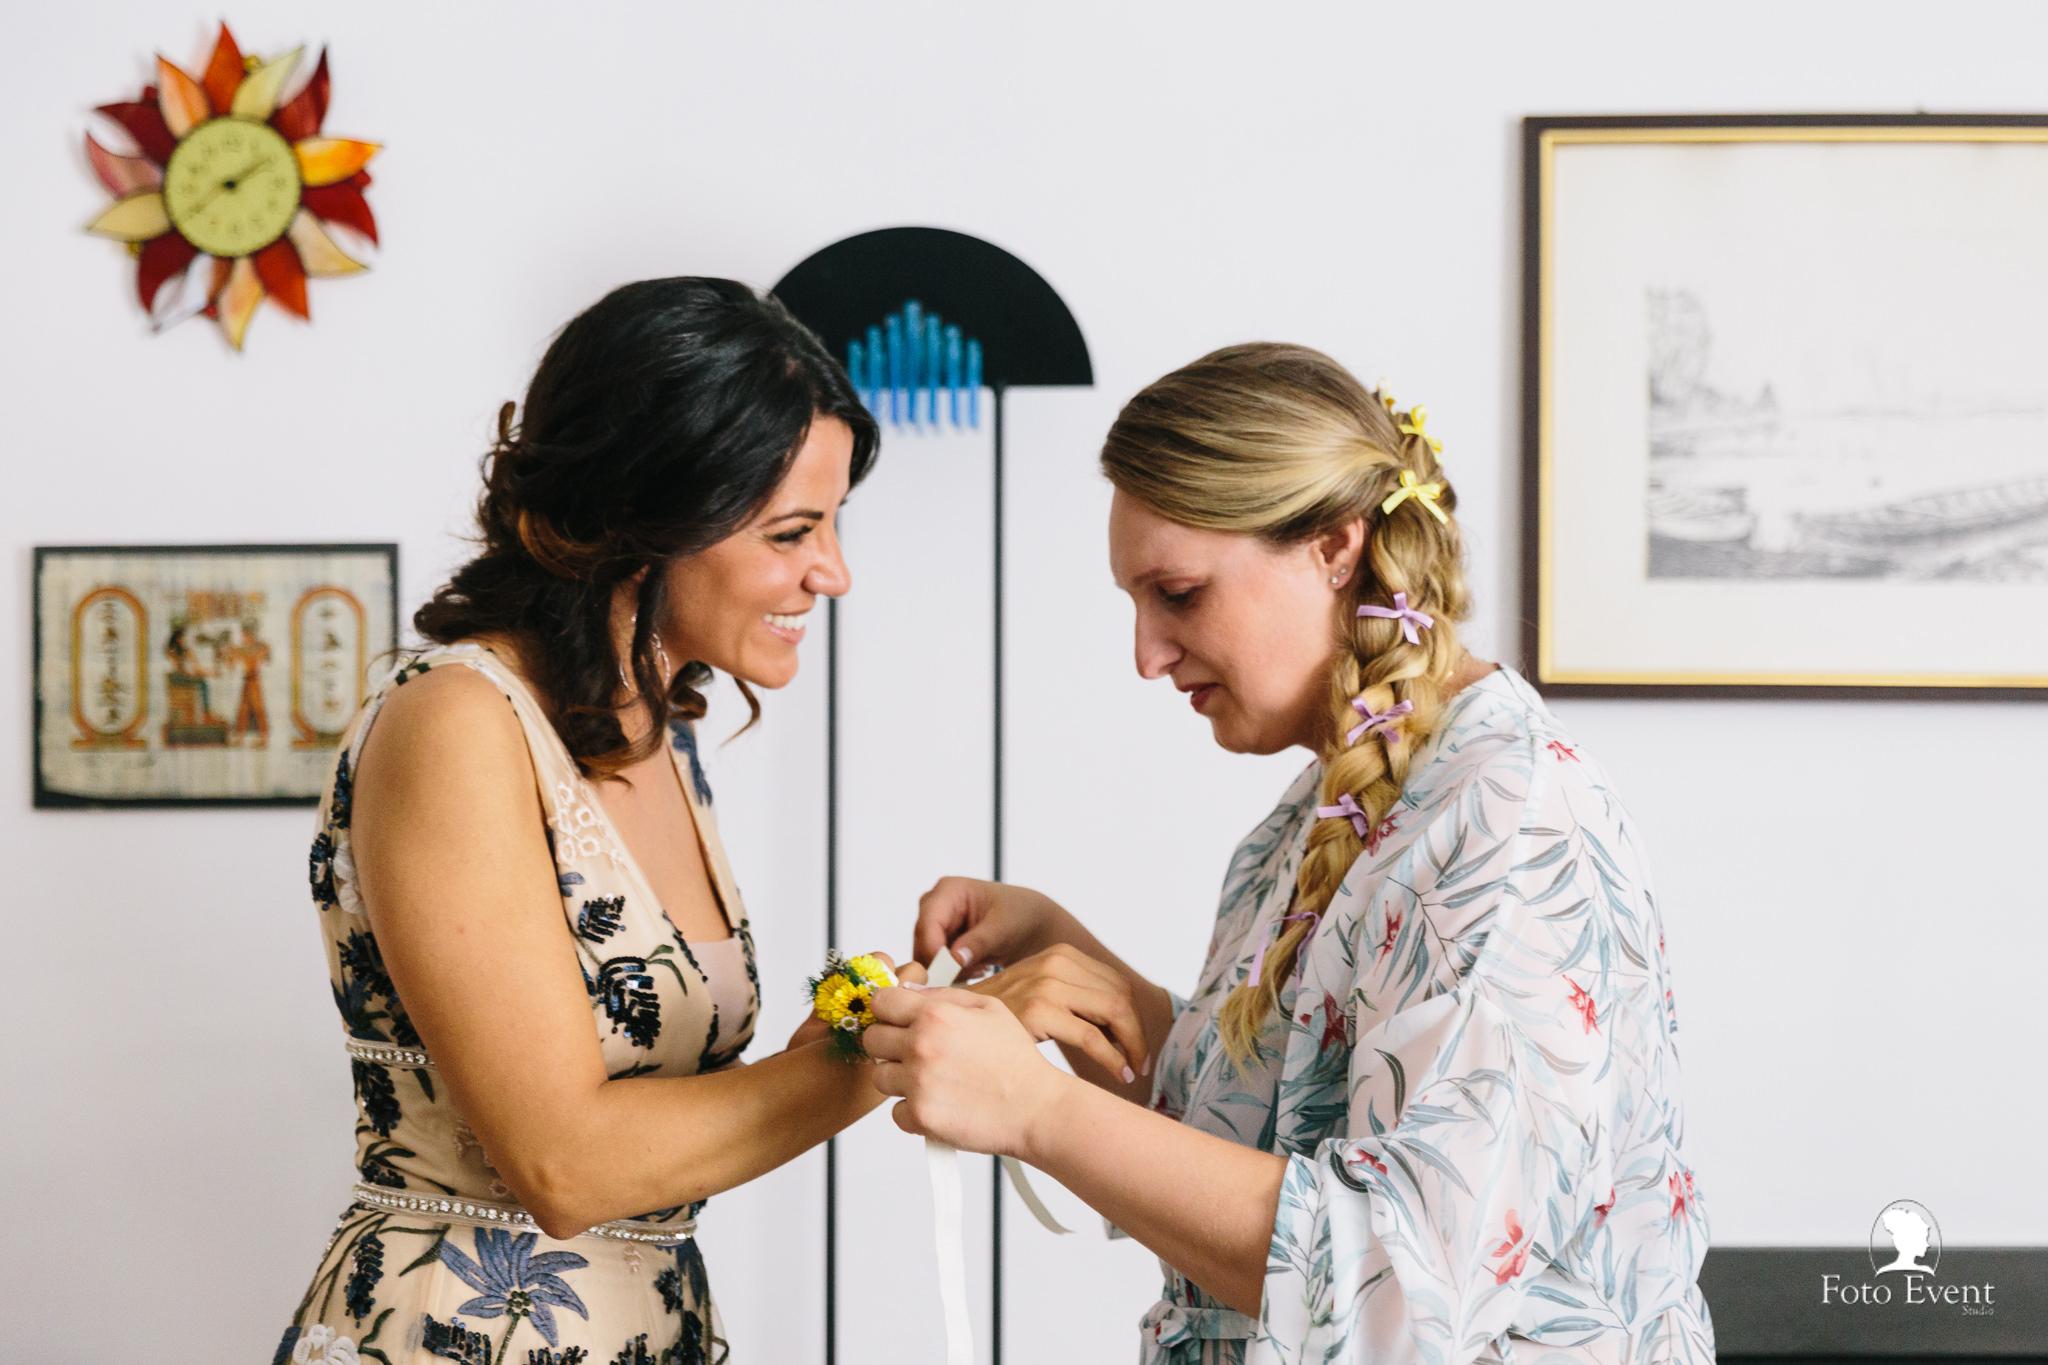 028-2019-07-27-Matrimonio-Valentina-e-Alessandro-Pettinari-5DE-433